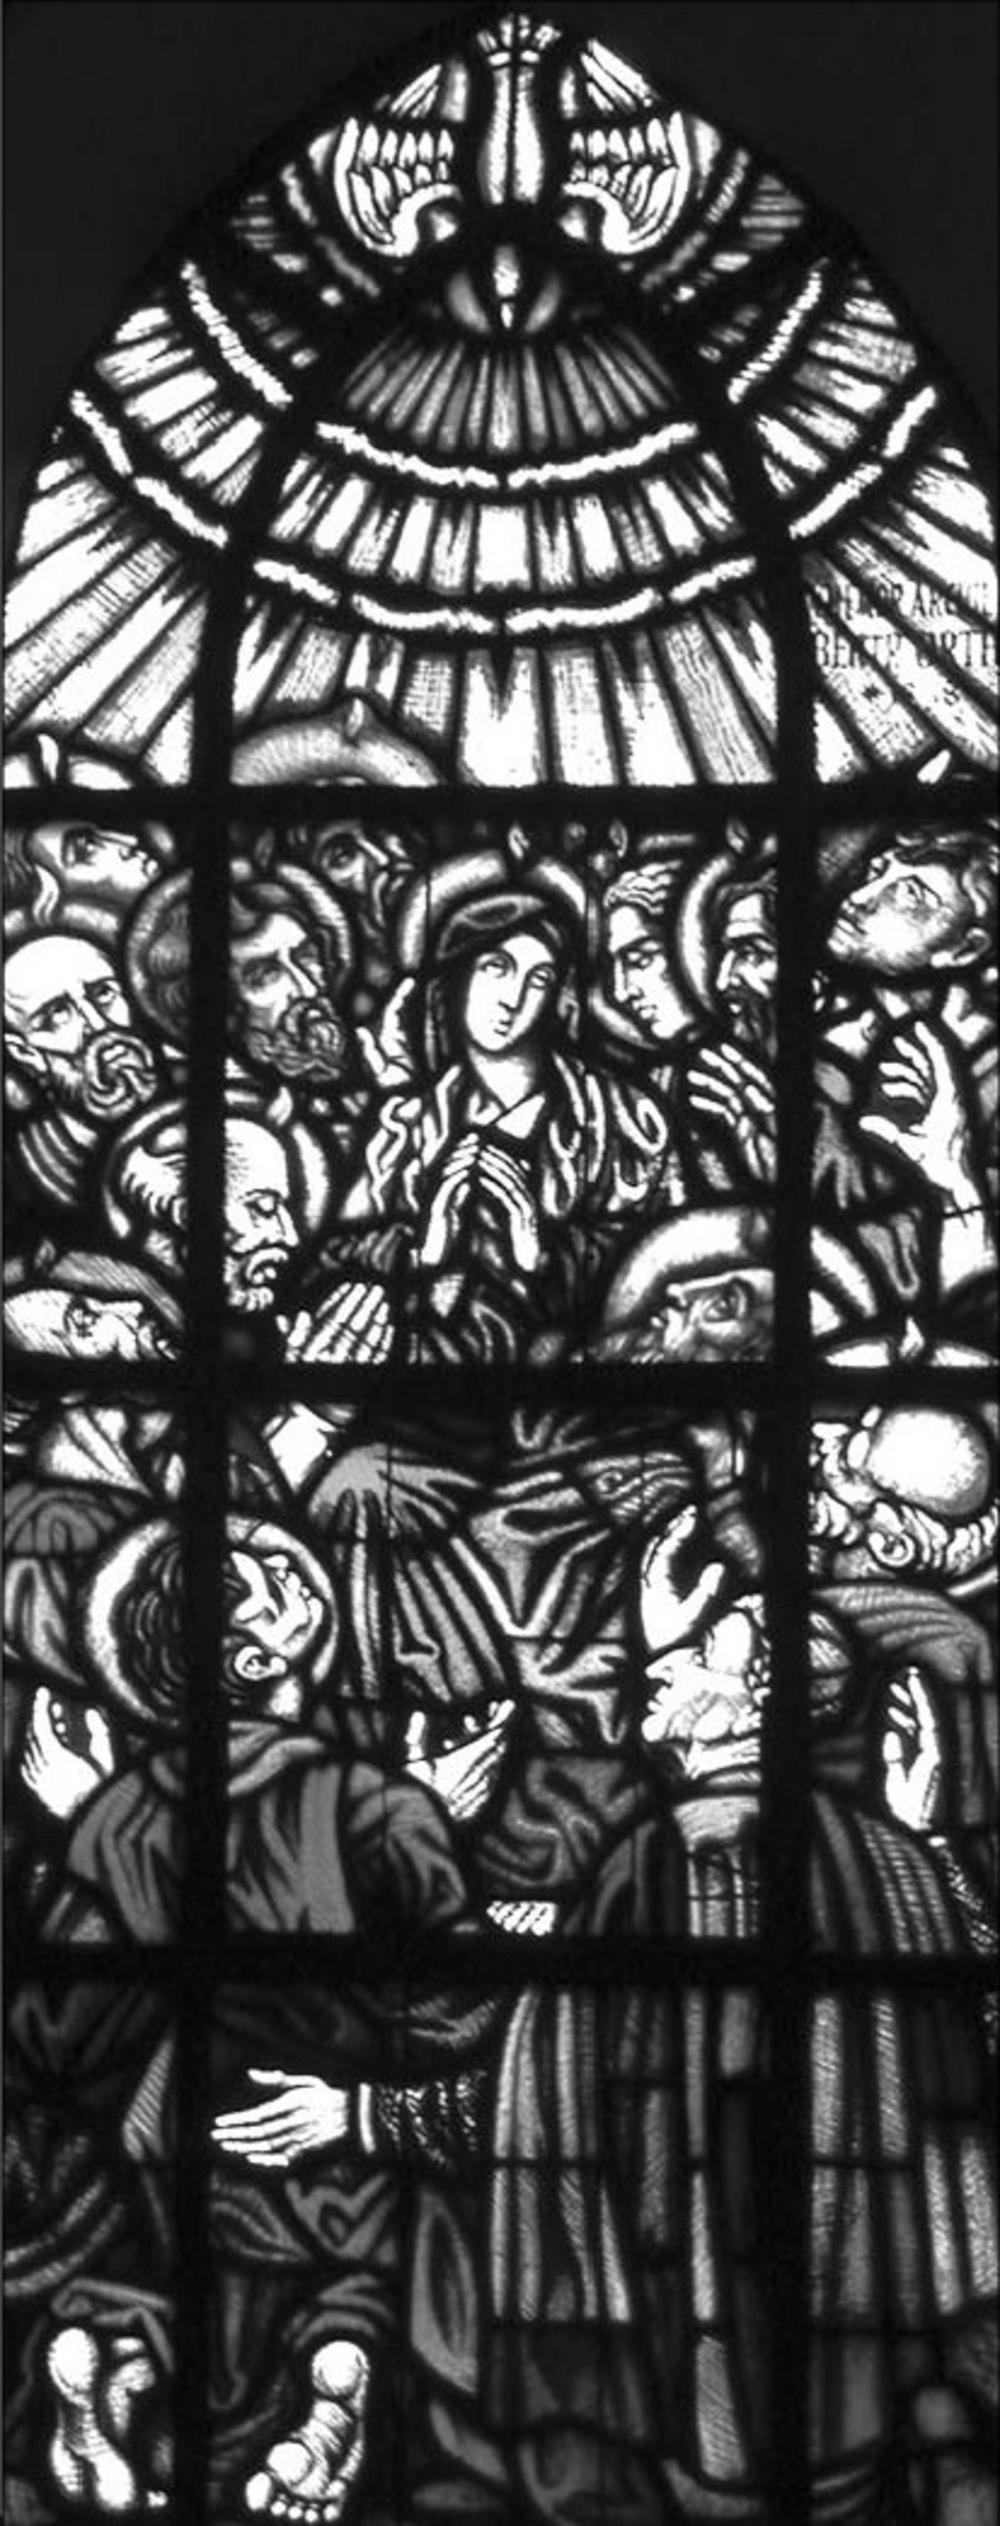 Das erste Fenster im südlichen Seitenschiff der Birker Pfarrkirche zeigt die Glasmalerei von der Herabkunft des Heiligen Geistes auf die Gottesmutter Maria und die Apostel am Pfingsttage. Unten rechts kniet Erzbischof Bertram Orth. Aus der mit Schwarzlot eingebrannten Inschrift ist zu lesen: »... ARCHIEP(ISCOPUS) BERTR. ORTH geb. 1848.«